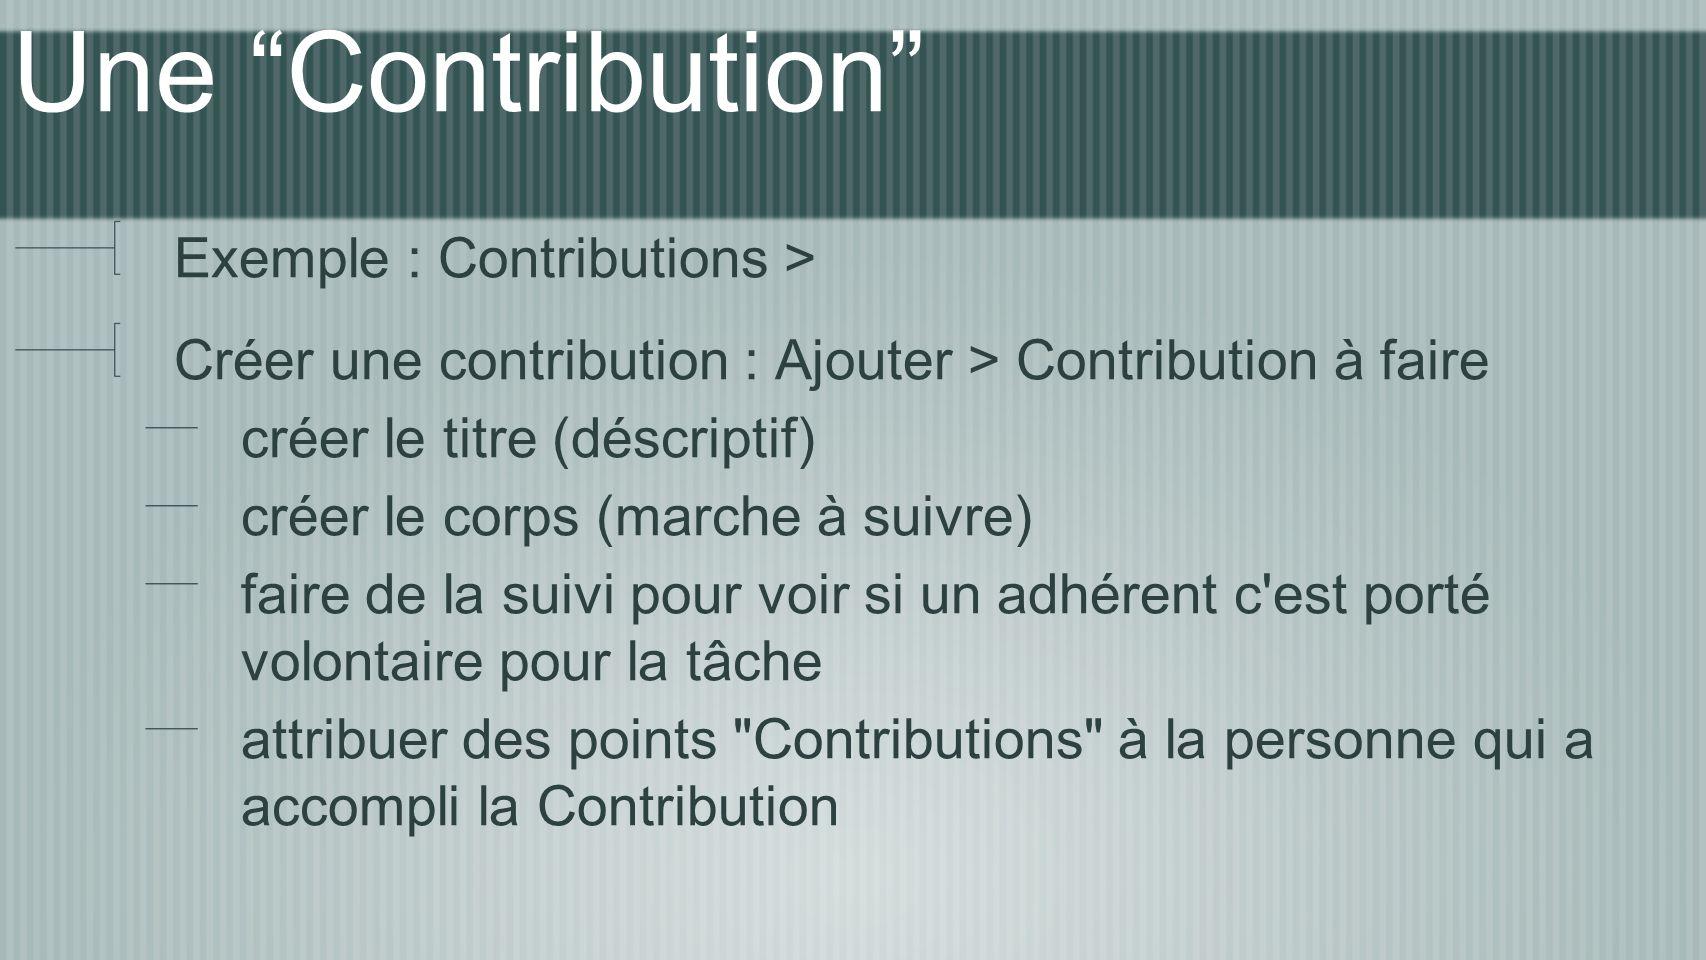 Une Contribution Exemple : Contributions > Créer une contribution : Ajouter > Contribution à faire créer le titre (déscriptif) créer le corps (marche